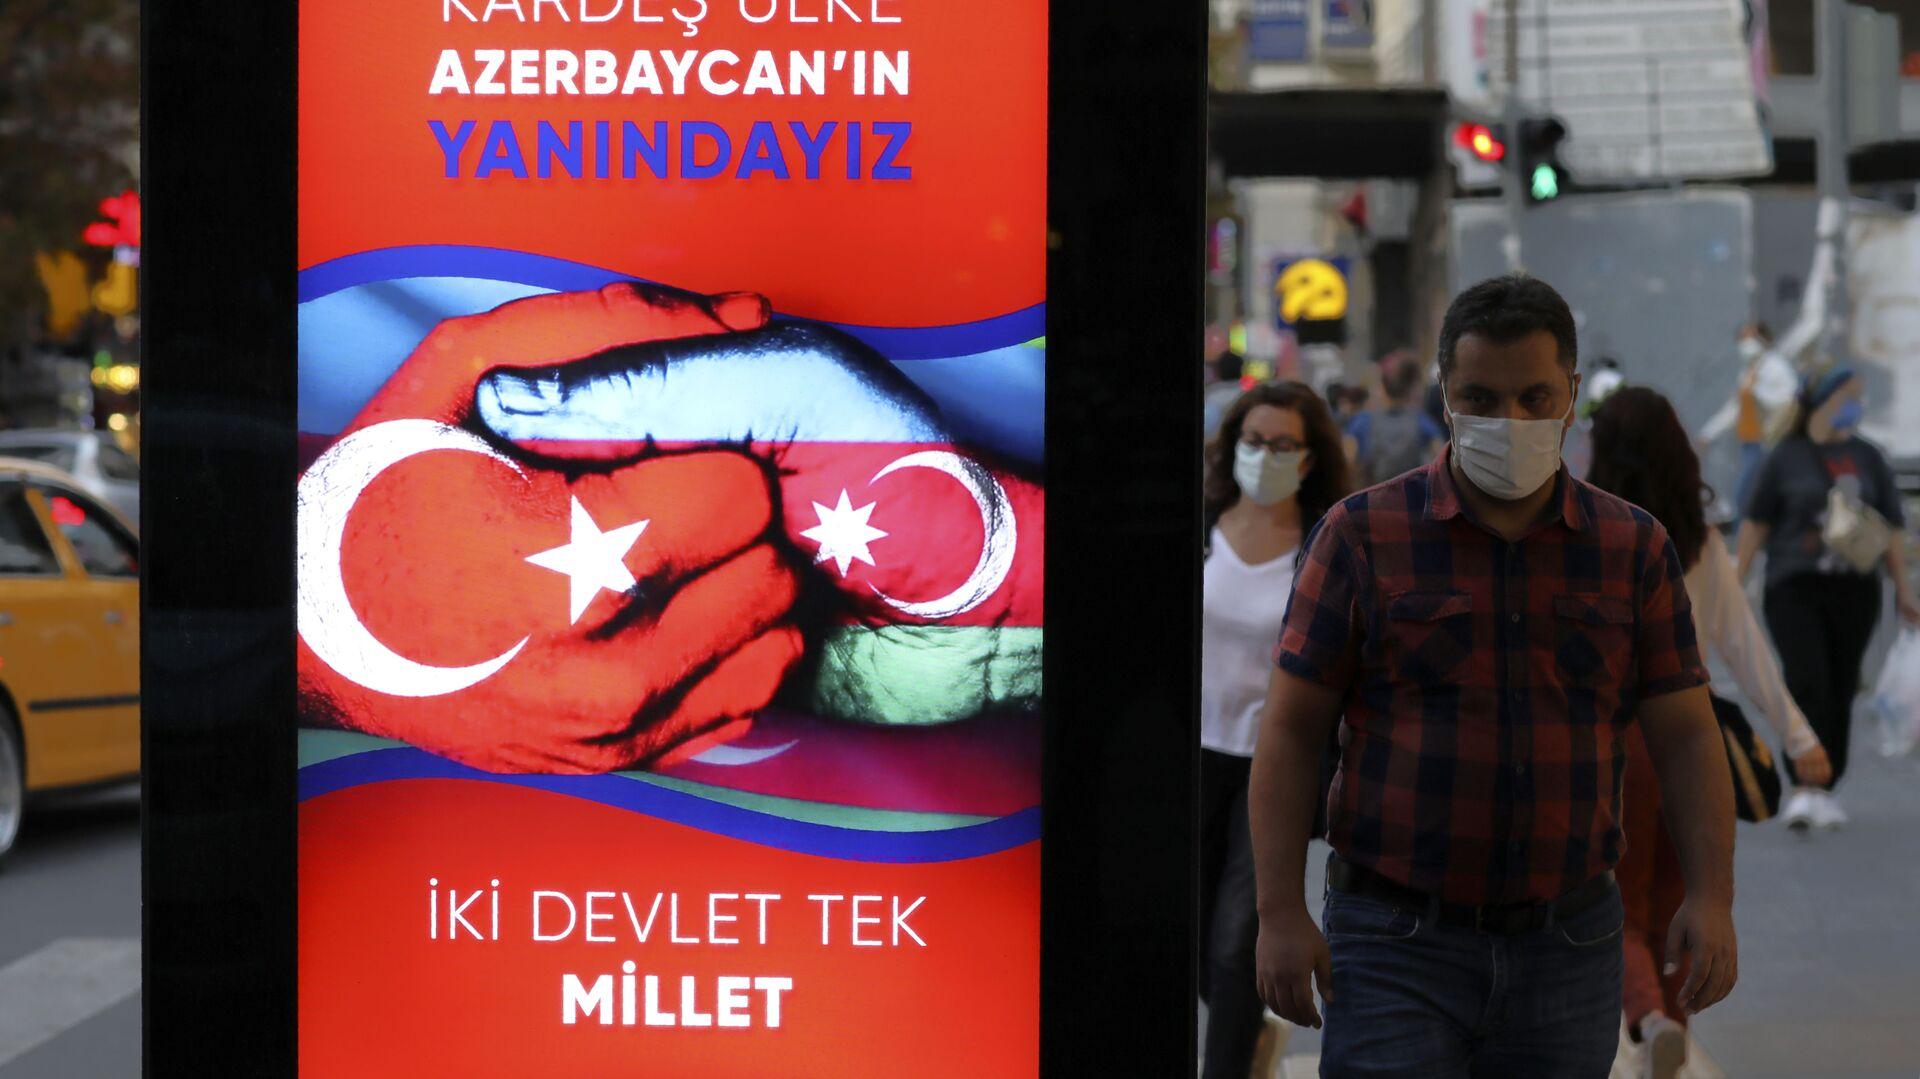 Табло с флагами Азербайджана и Турции, фото из архива - Sputnik Азербайджан, 1920, 25.08.2021